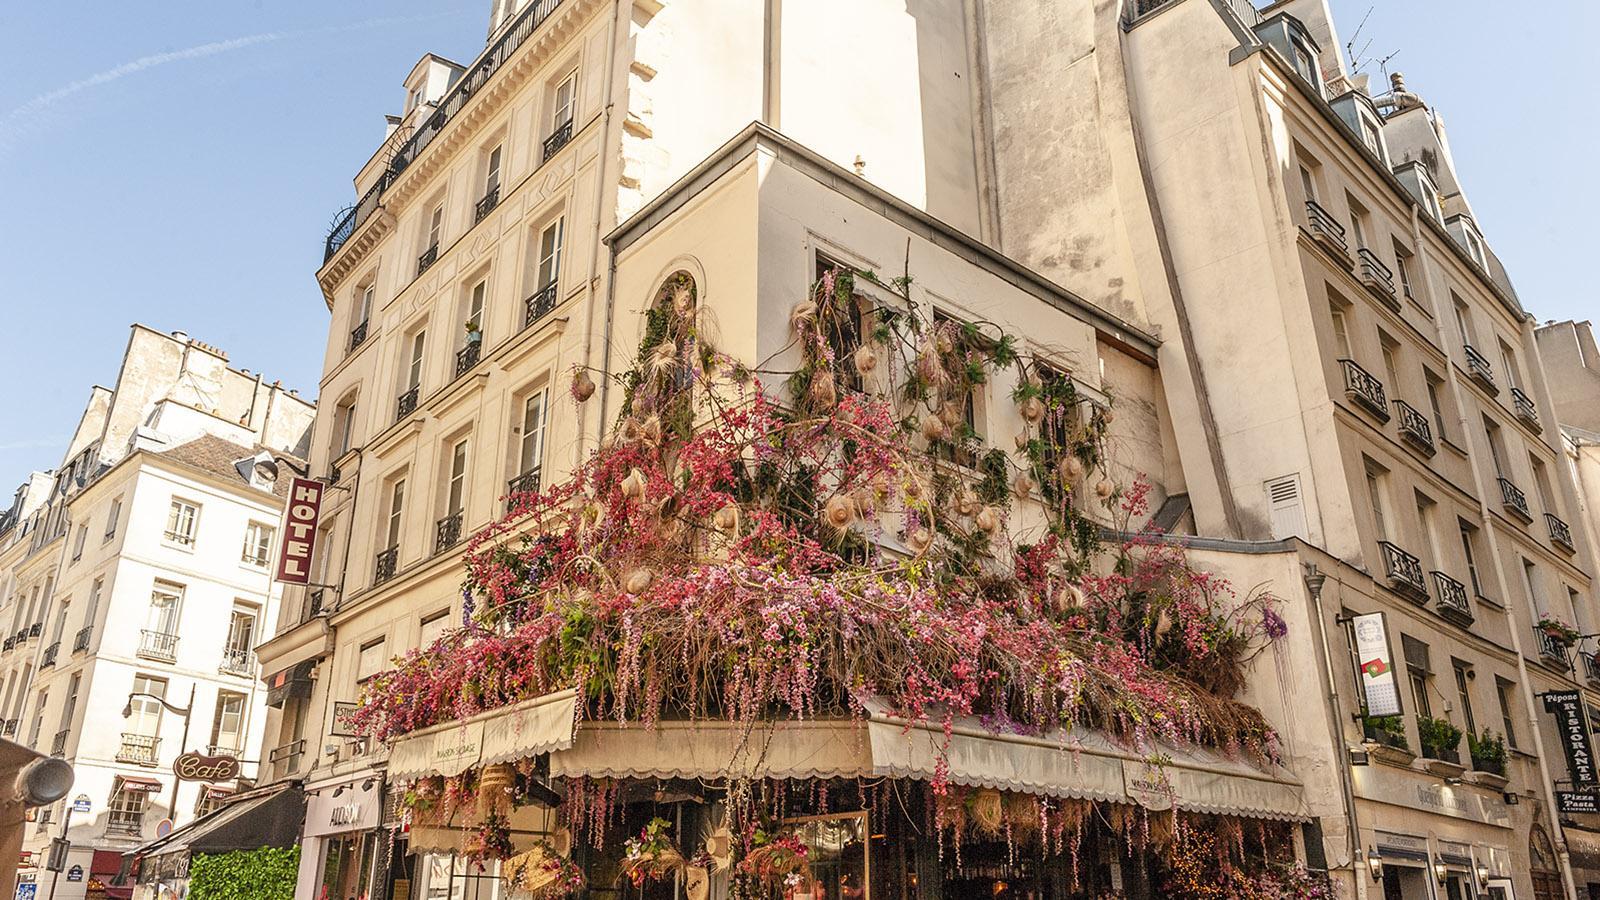 Saint-Germain-des_Prés_ Café. Foto: Hilke Maunder